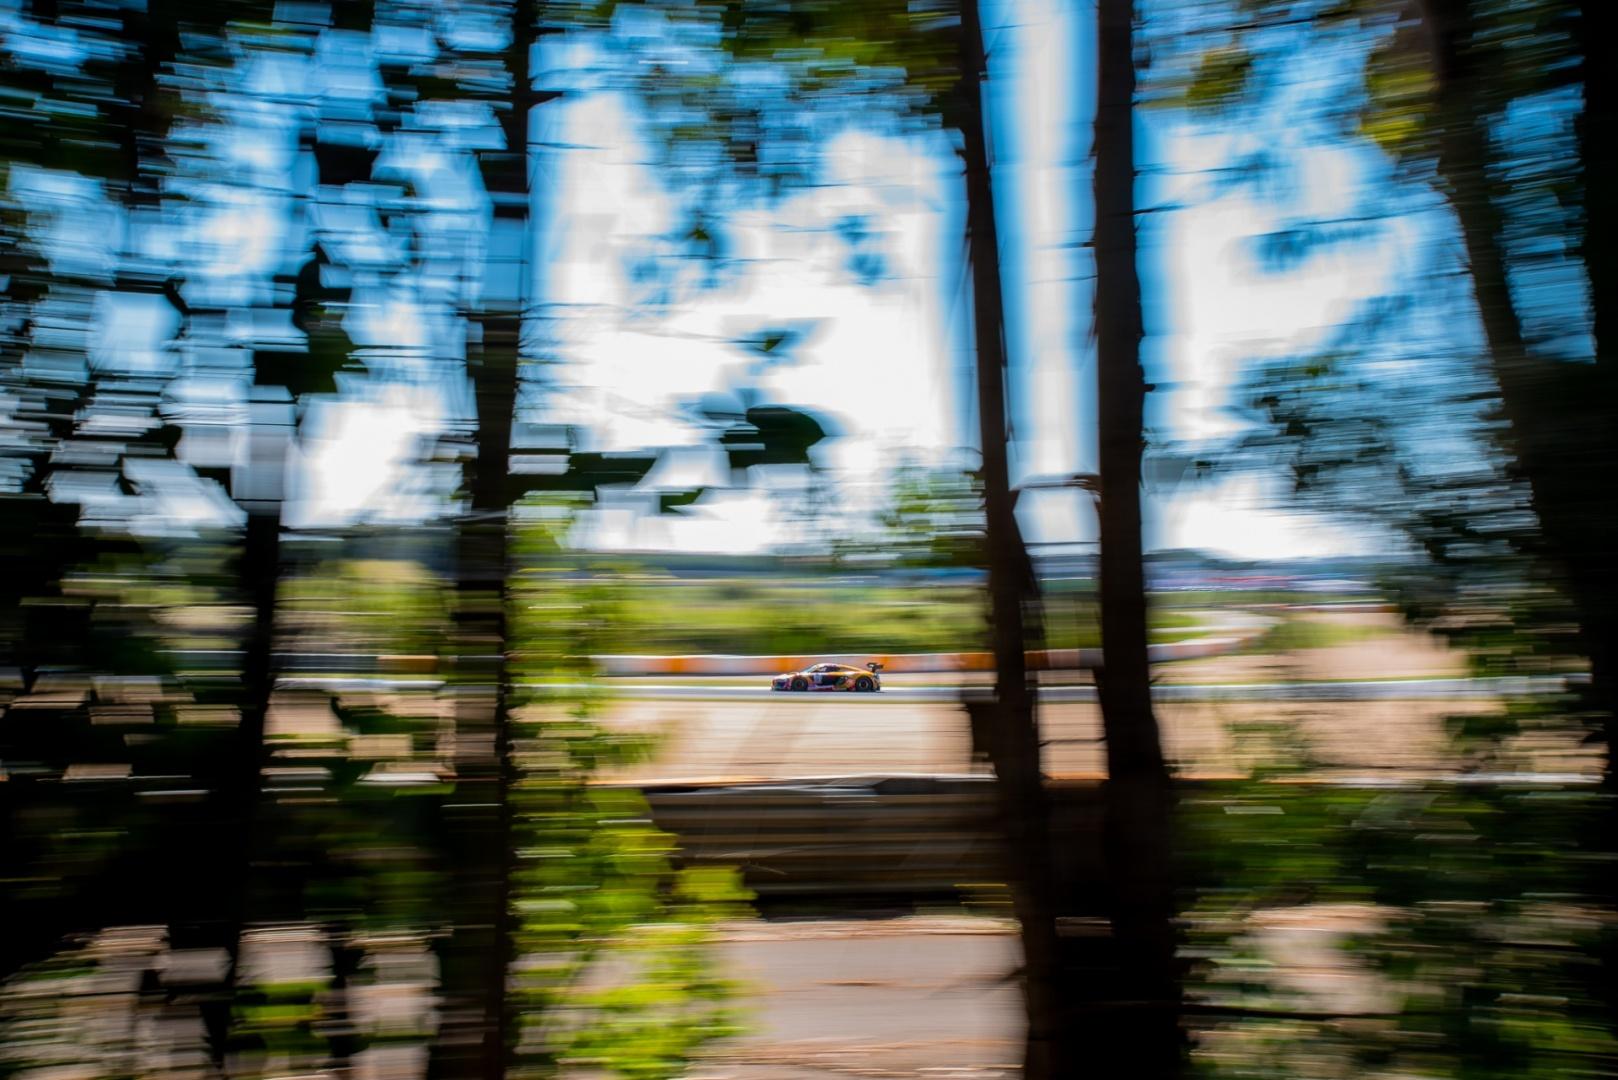 Desporto e Ação/Through the trees